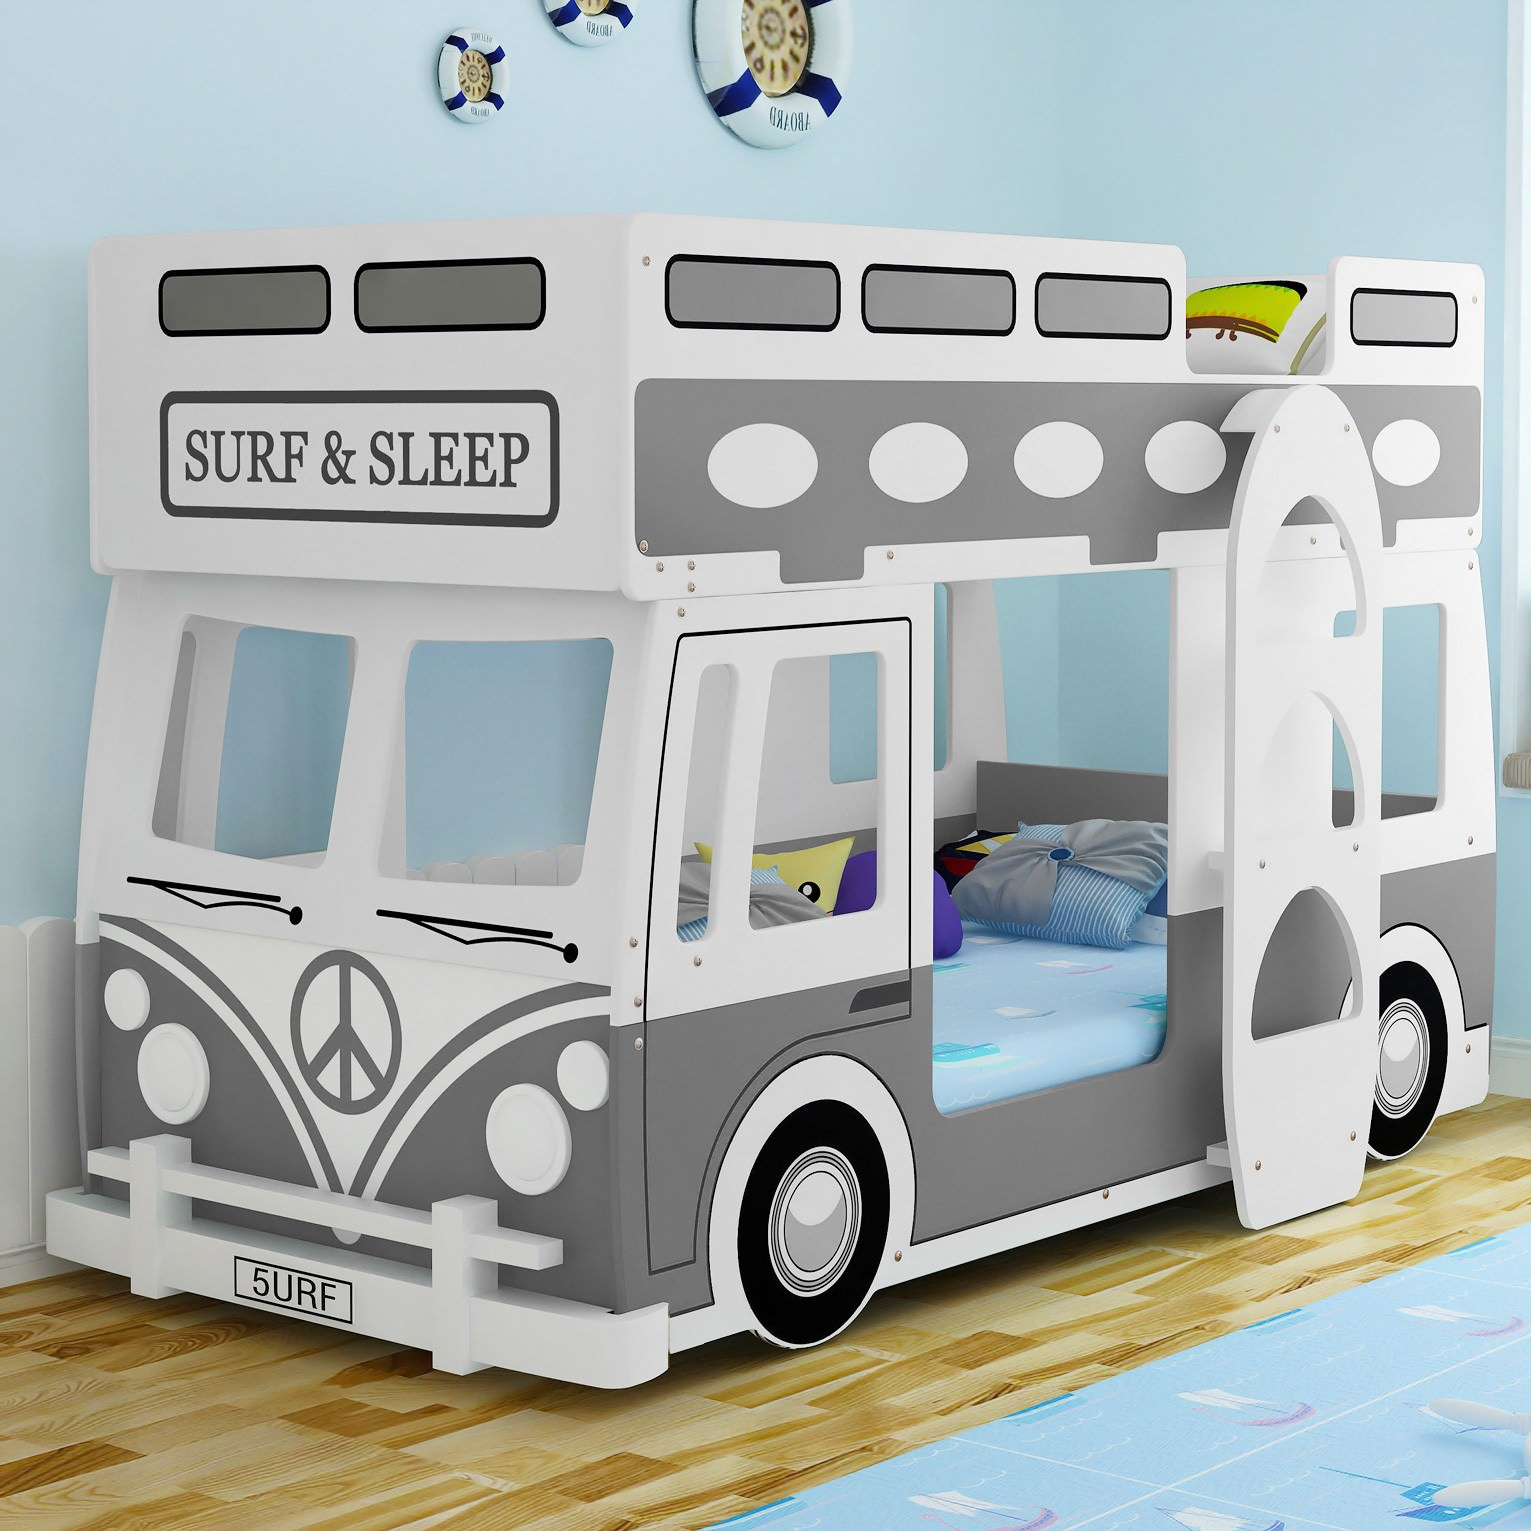 Surf & Sleep Bunk Bed, Single